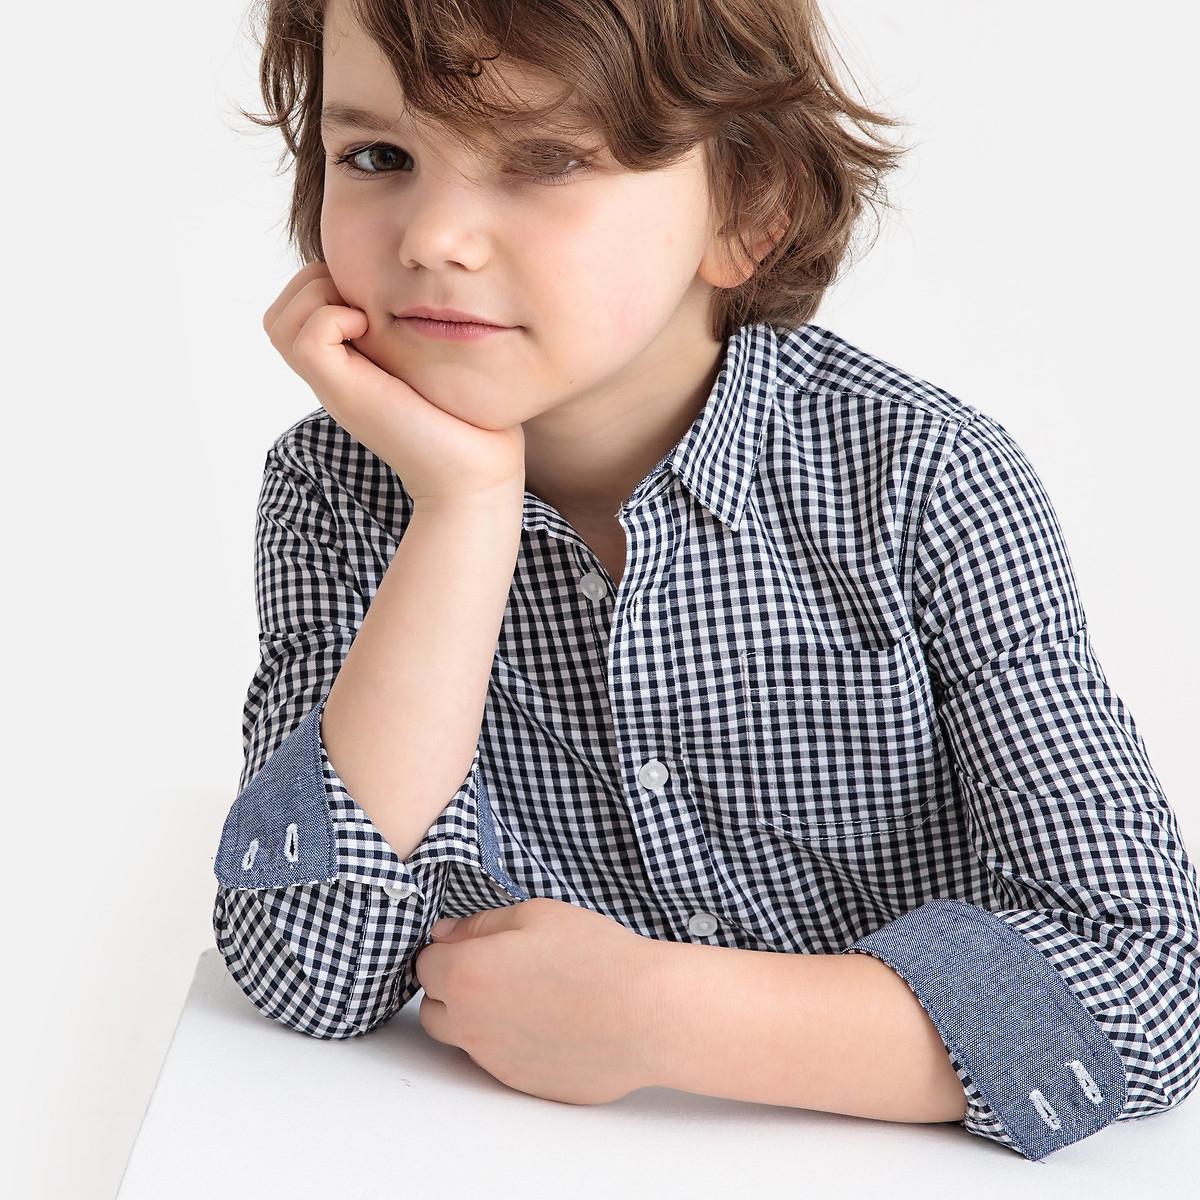 Фото - Рубашка LaRedoute В клетку с длинными рукавами 3-12 лет 6 лет - 114 см синий рубашка laredoute джинсовая 3 12 лет 8 лет 126 см синий